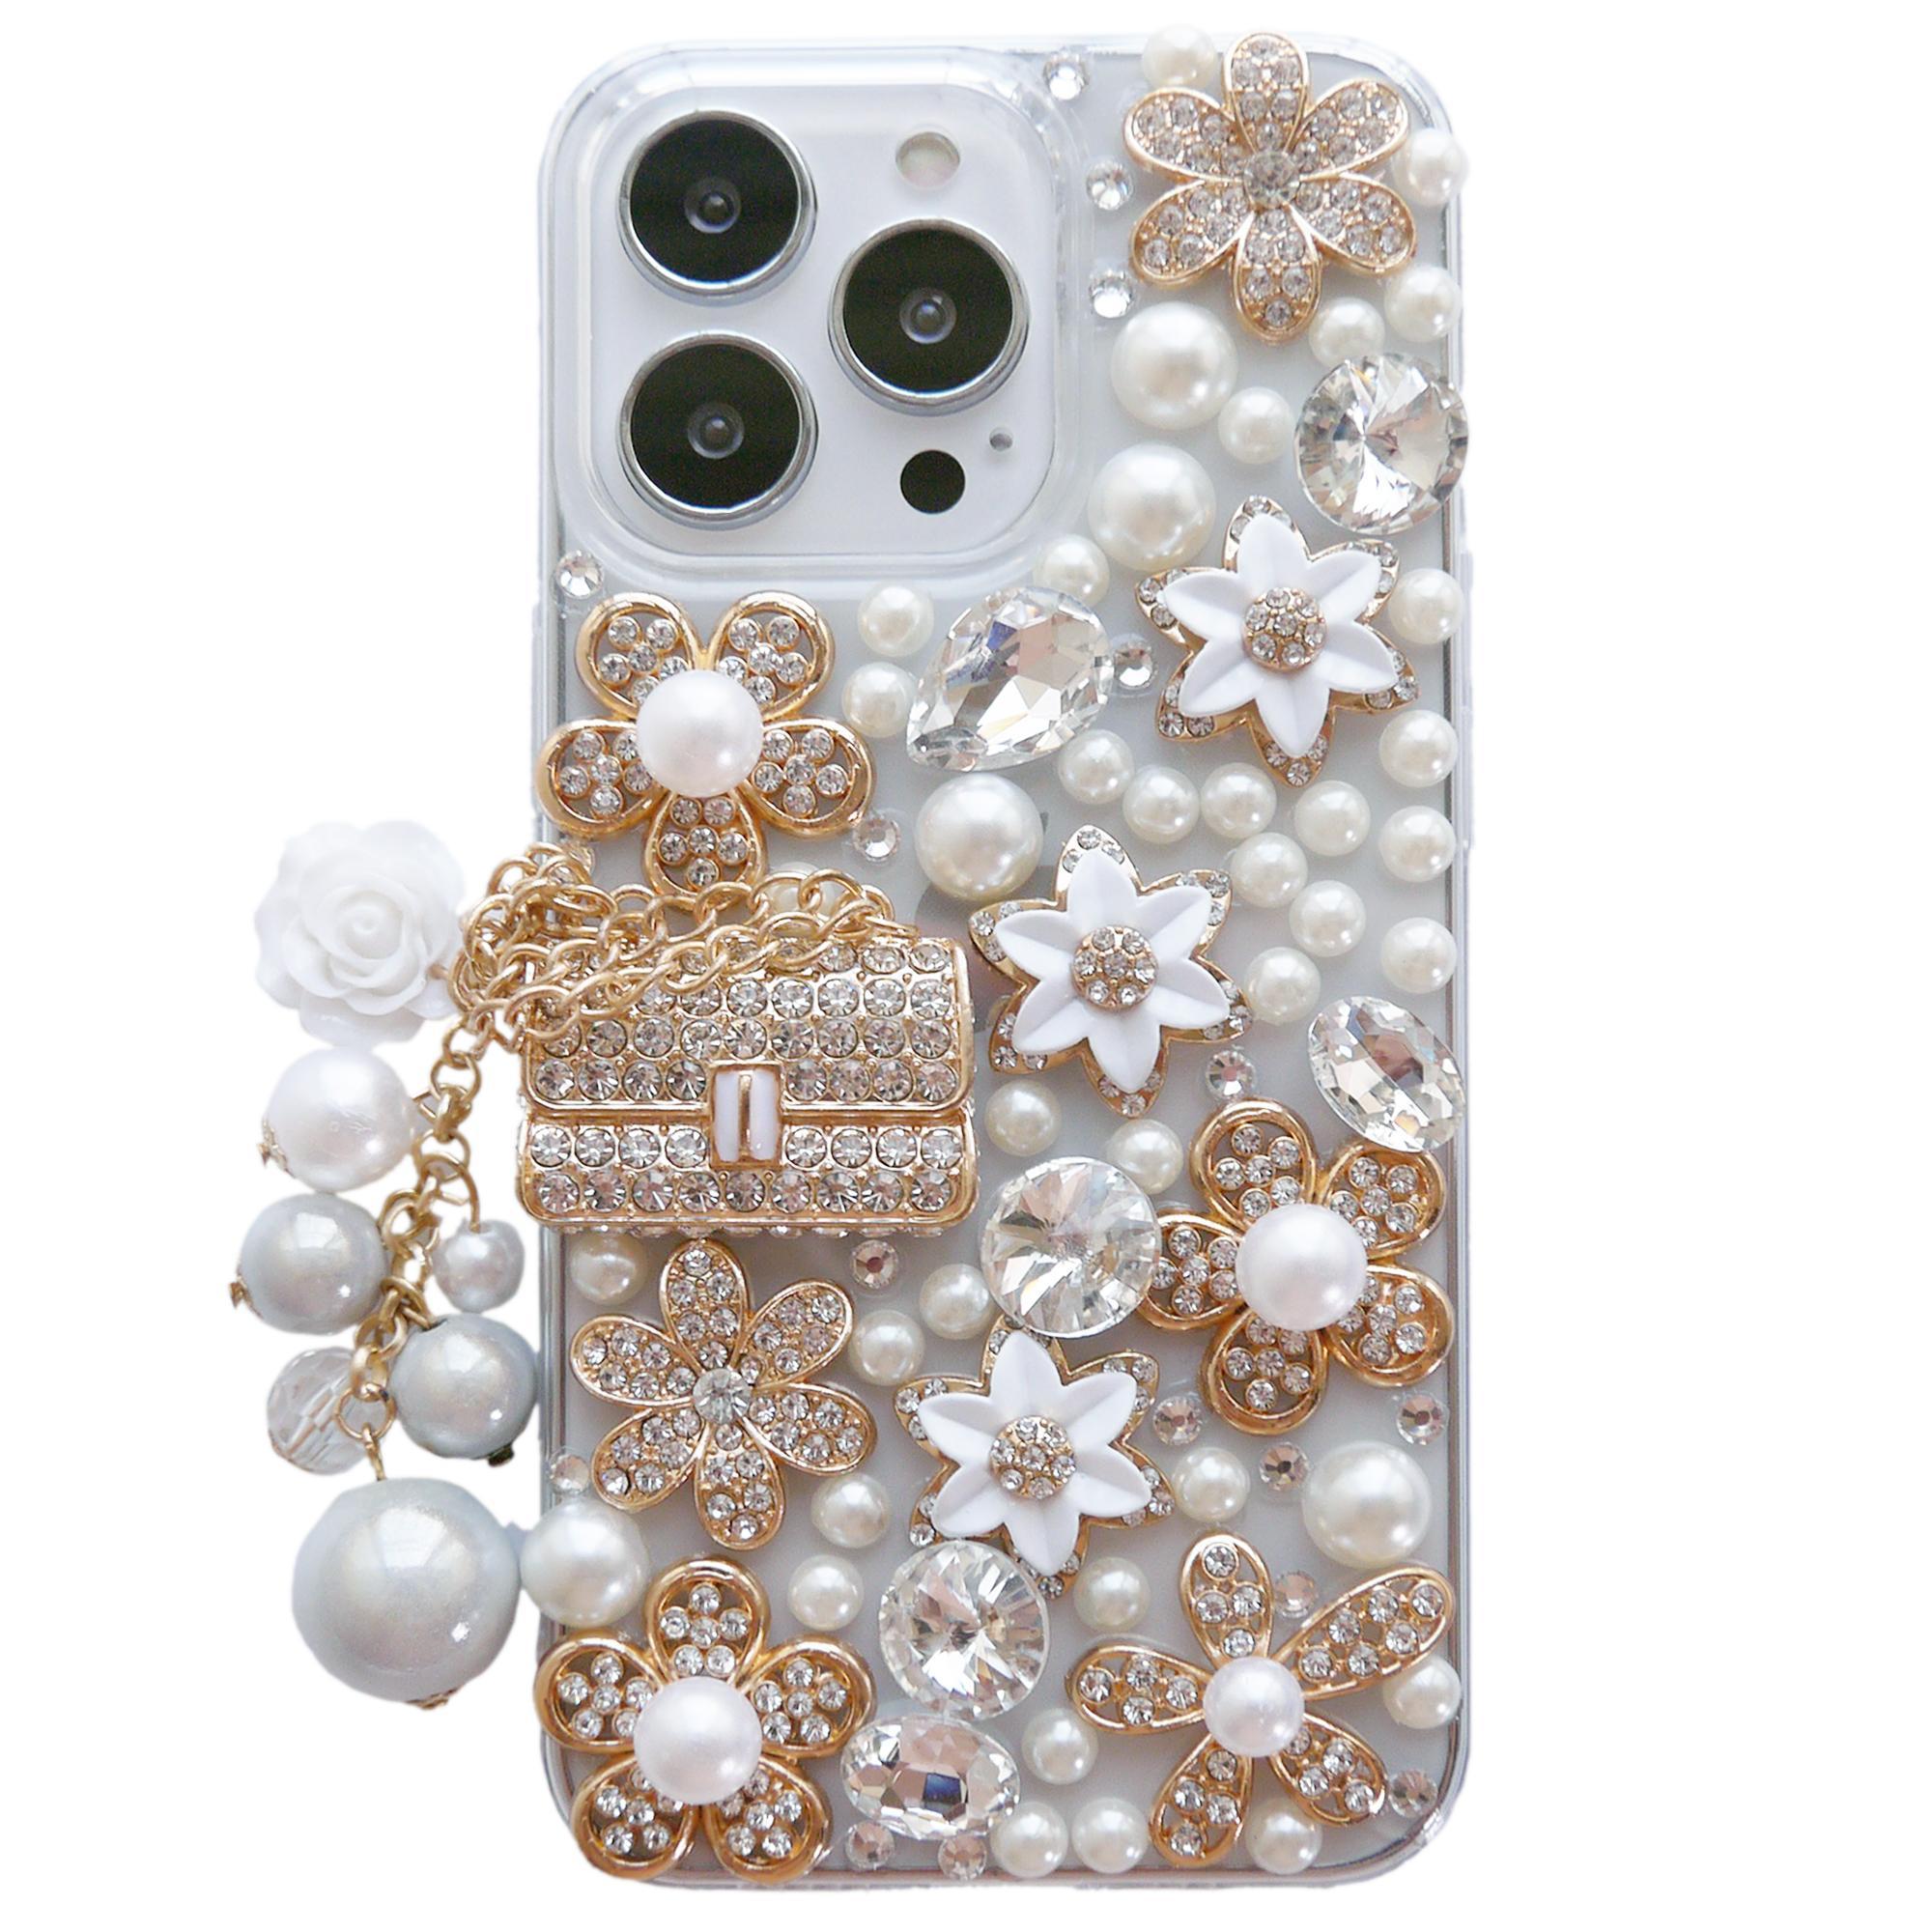 아이폰 케이스 13 12 11 Pro max mini xs xr x 8 7 6s 플러스 여성 반짝이 라인 석 다이아몬드 꽃 명확한 커버